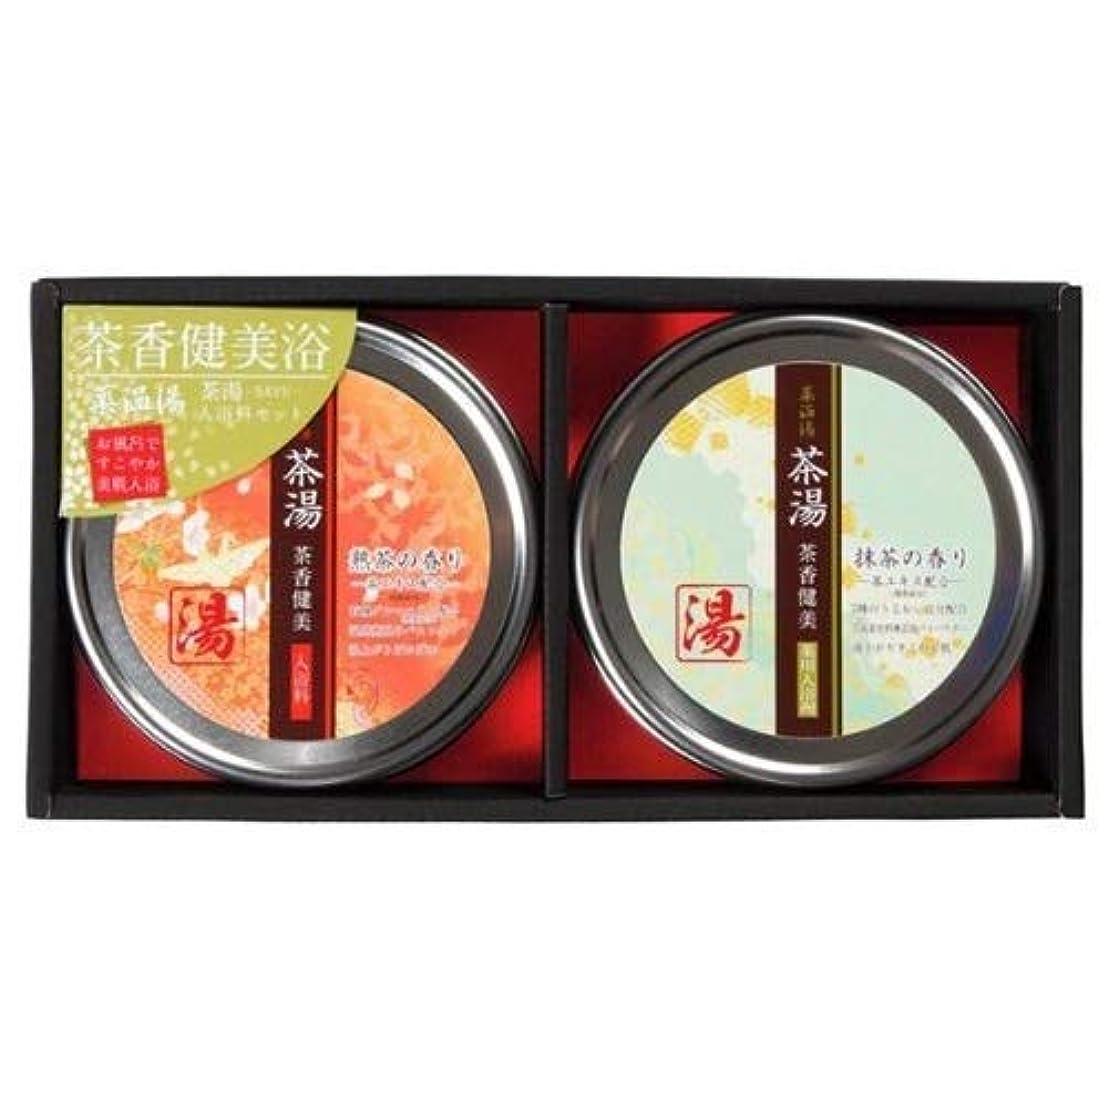 ジャーナル脊椎モニカ薬温湯 茶湯ギフトセット POF-20